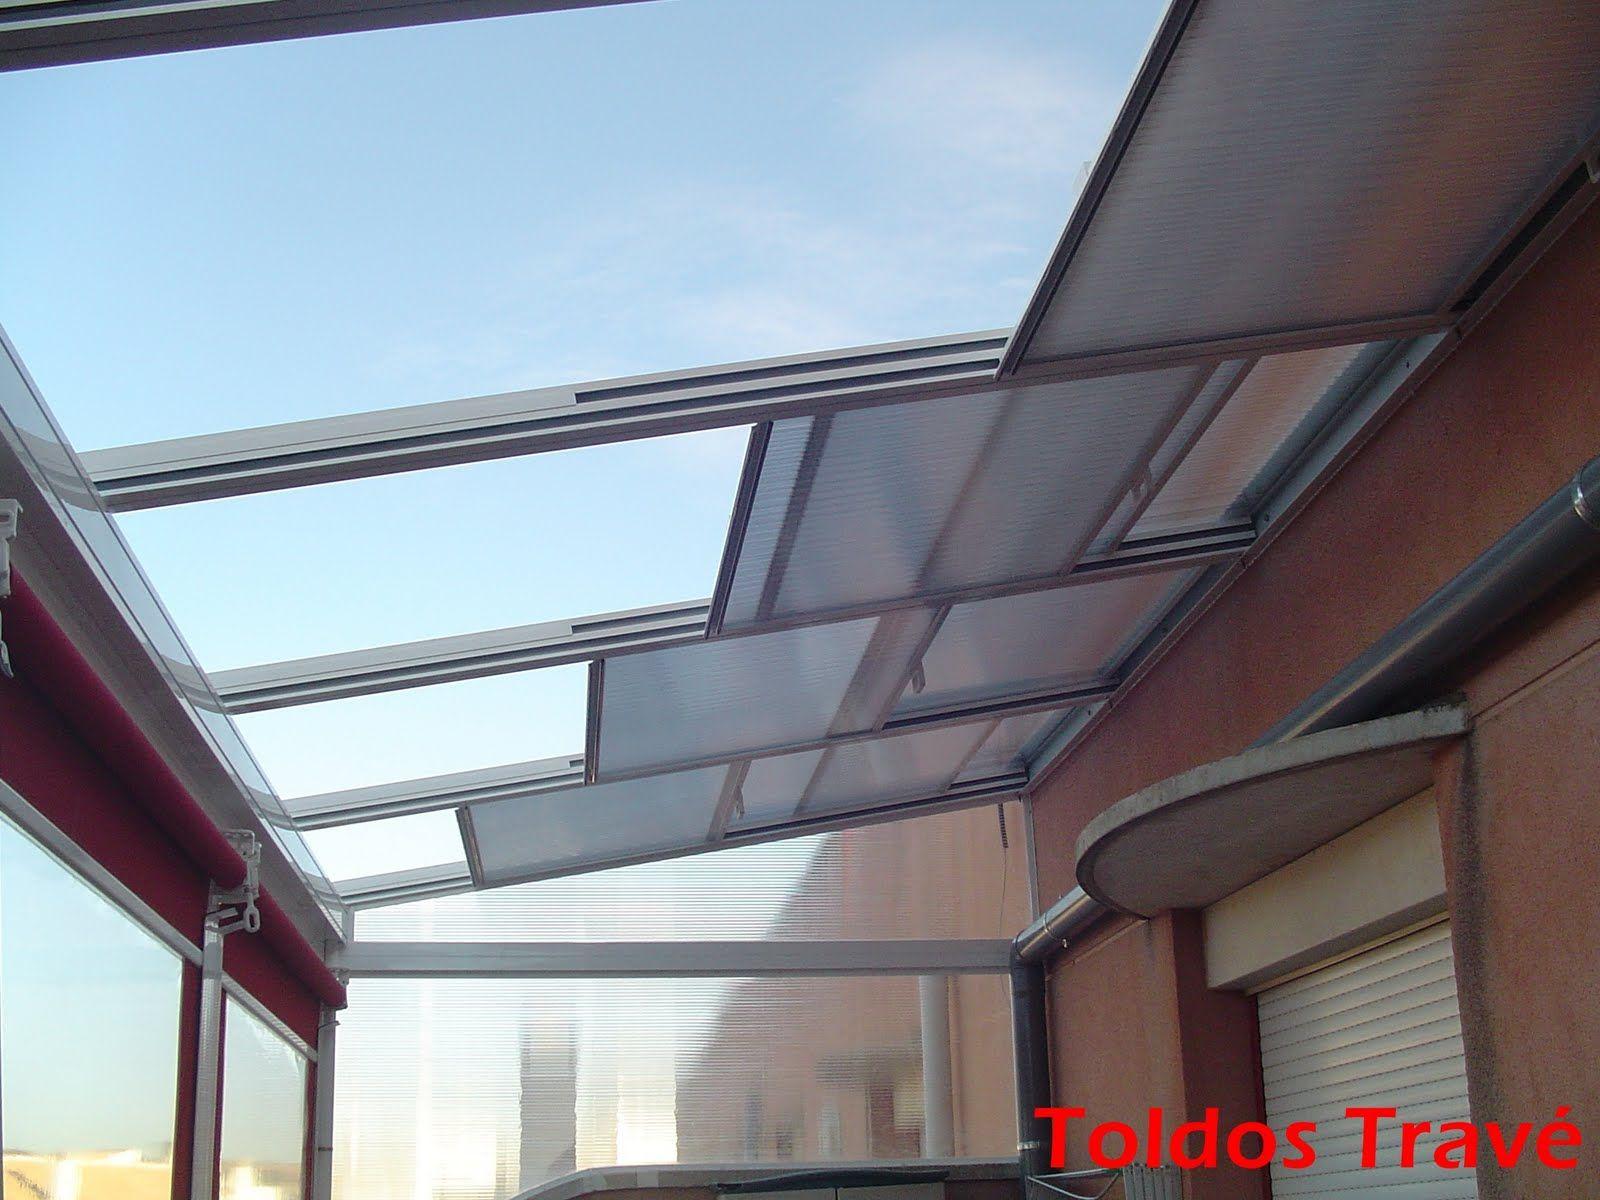 Toldos o cerramientos terrazas de aticos buscar con for Cerramiento aluminio terraza